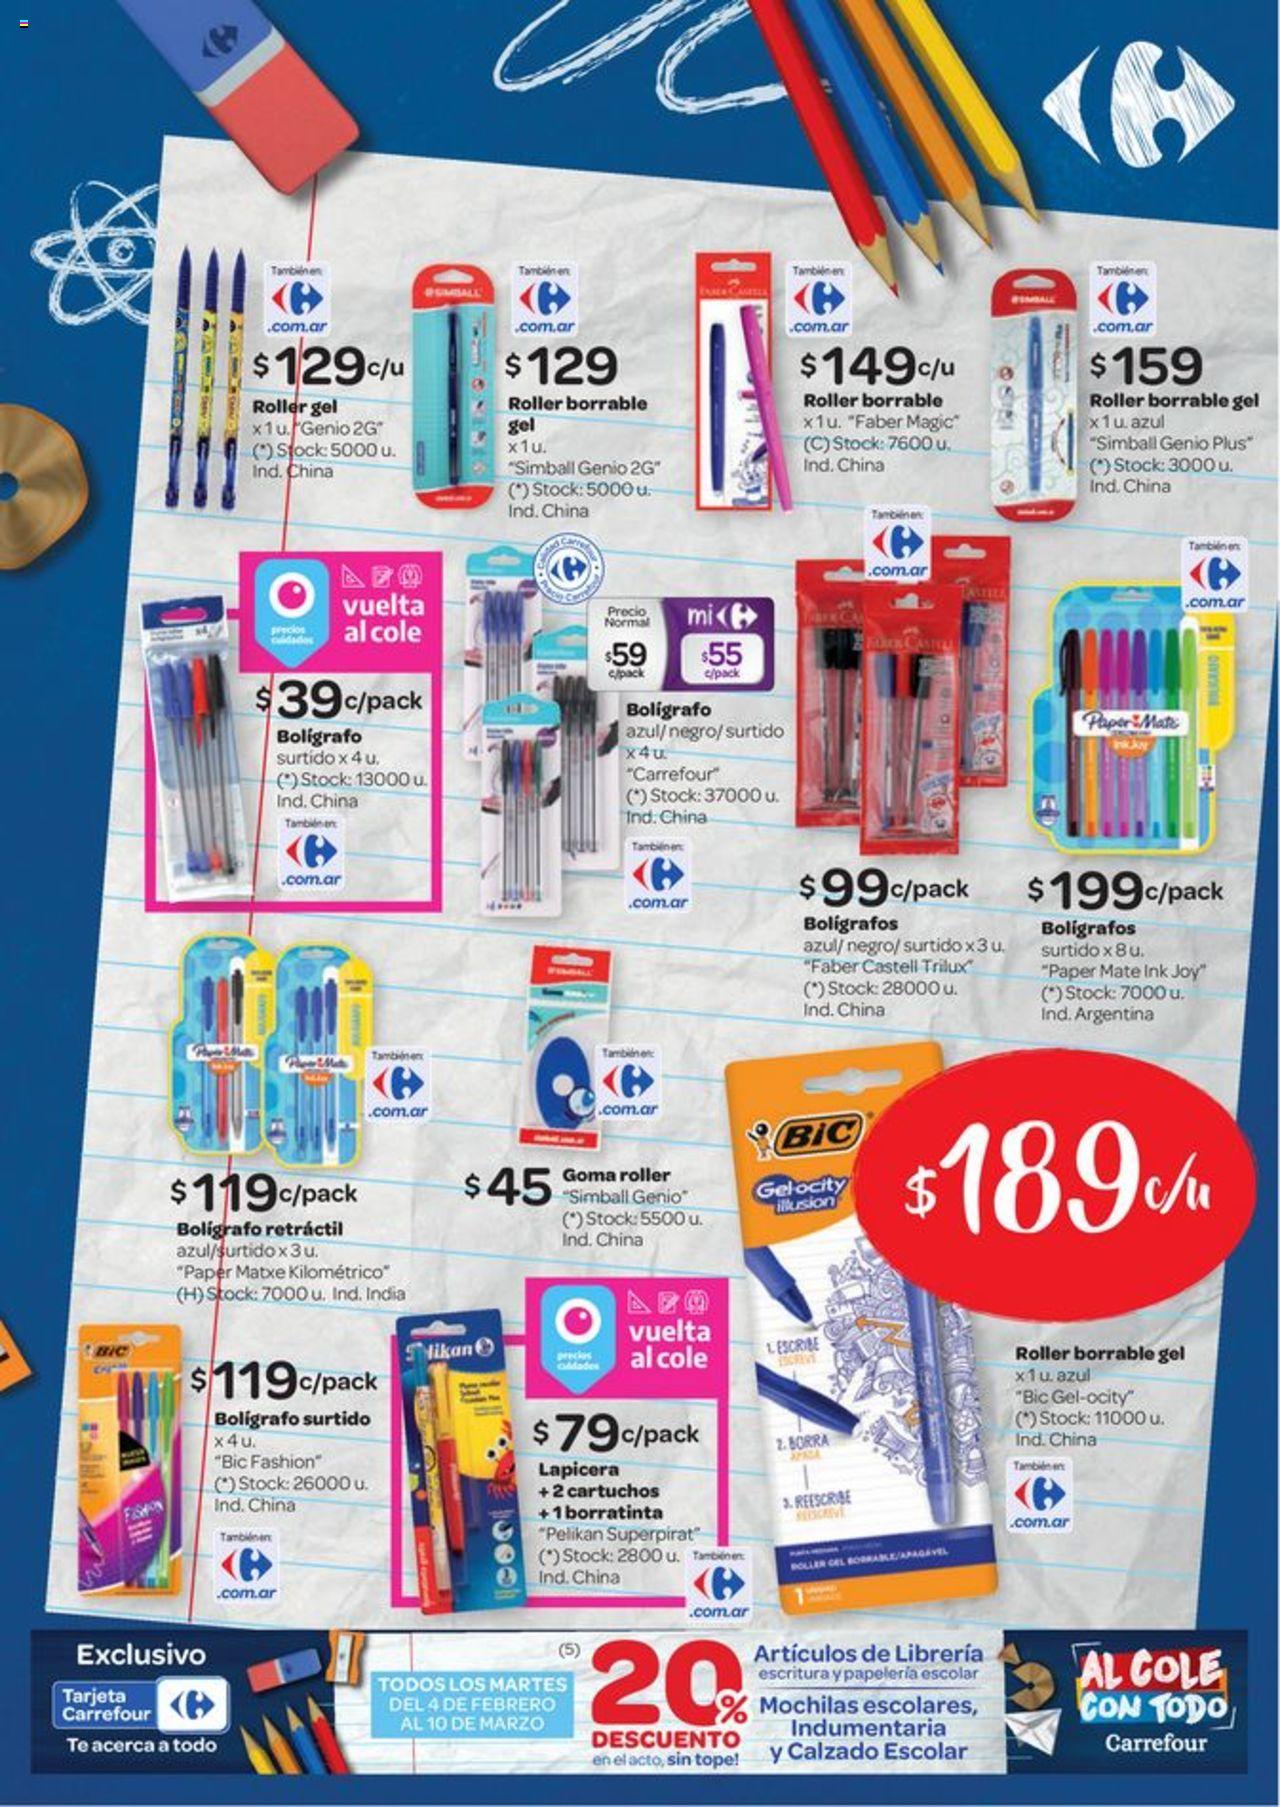 Carrefour Oferta válido desde el 13/02/2020 número de página 1 | Página: 9